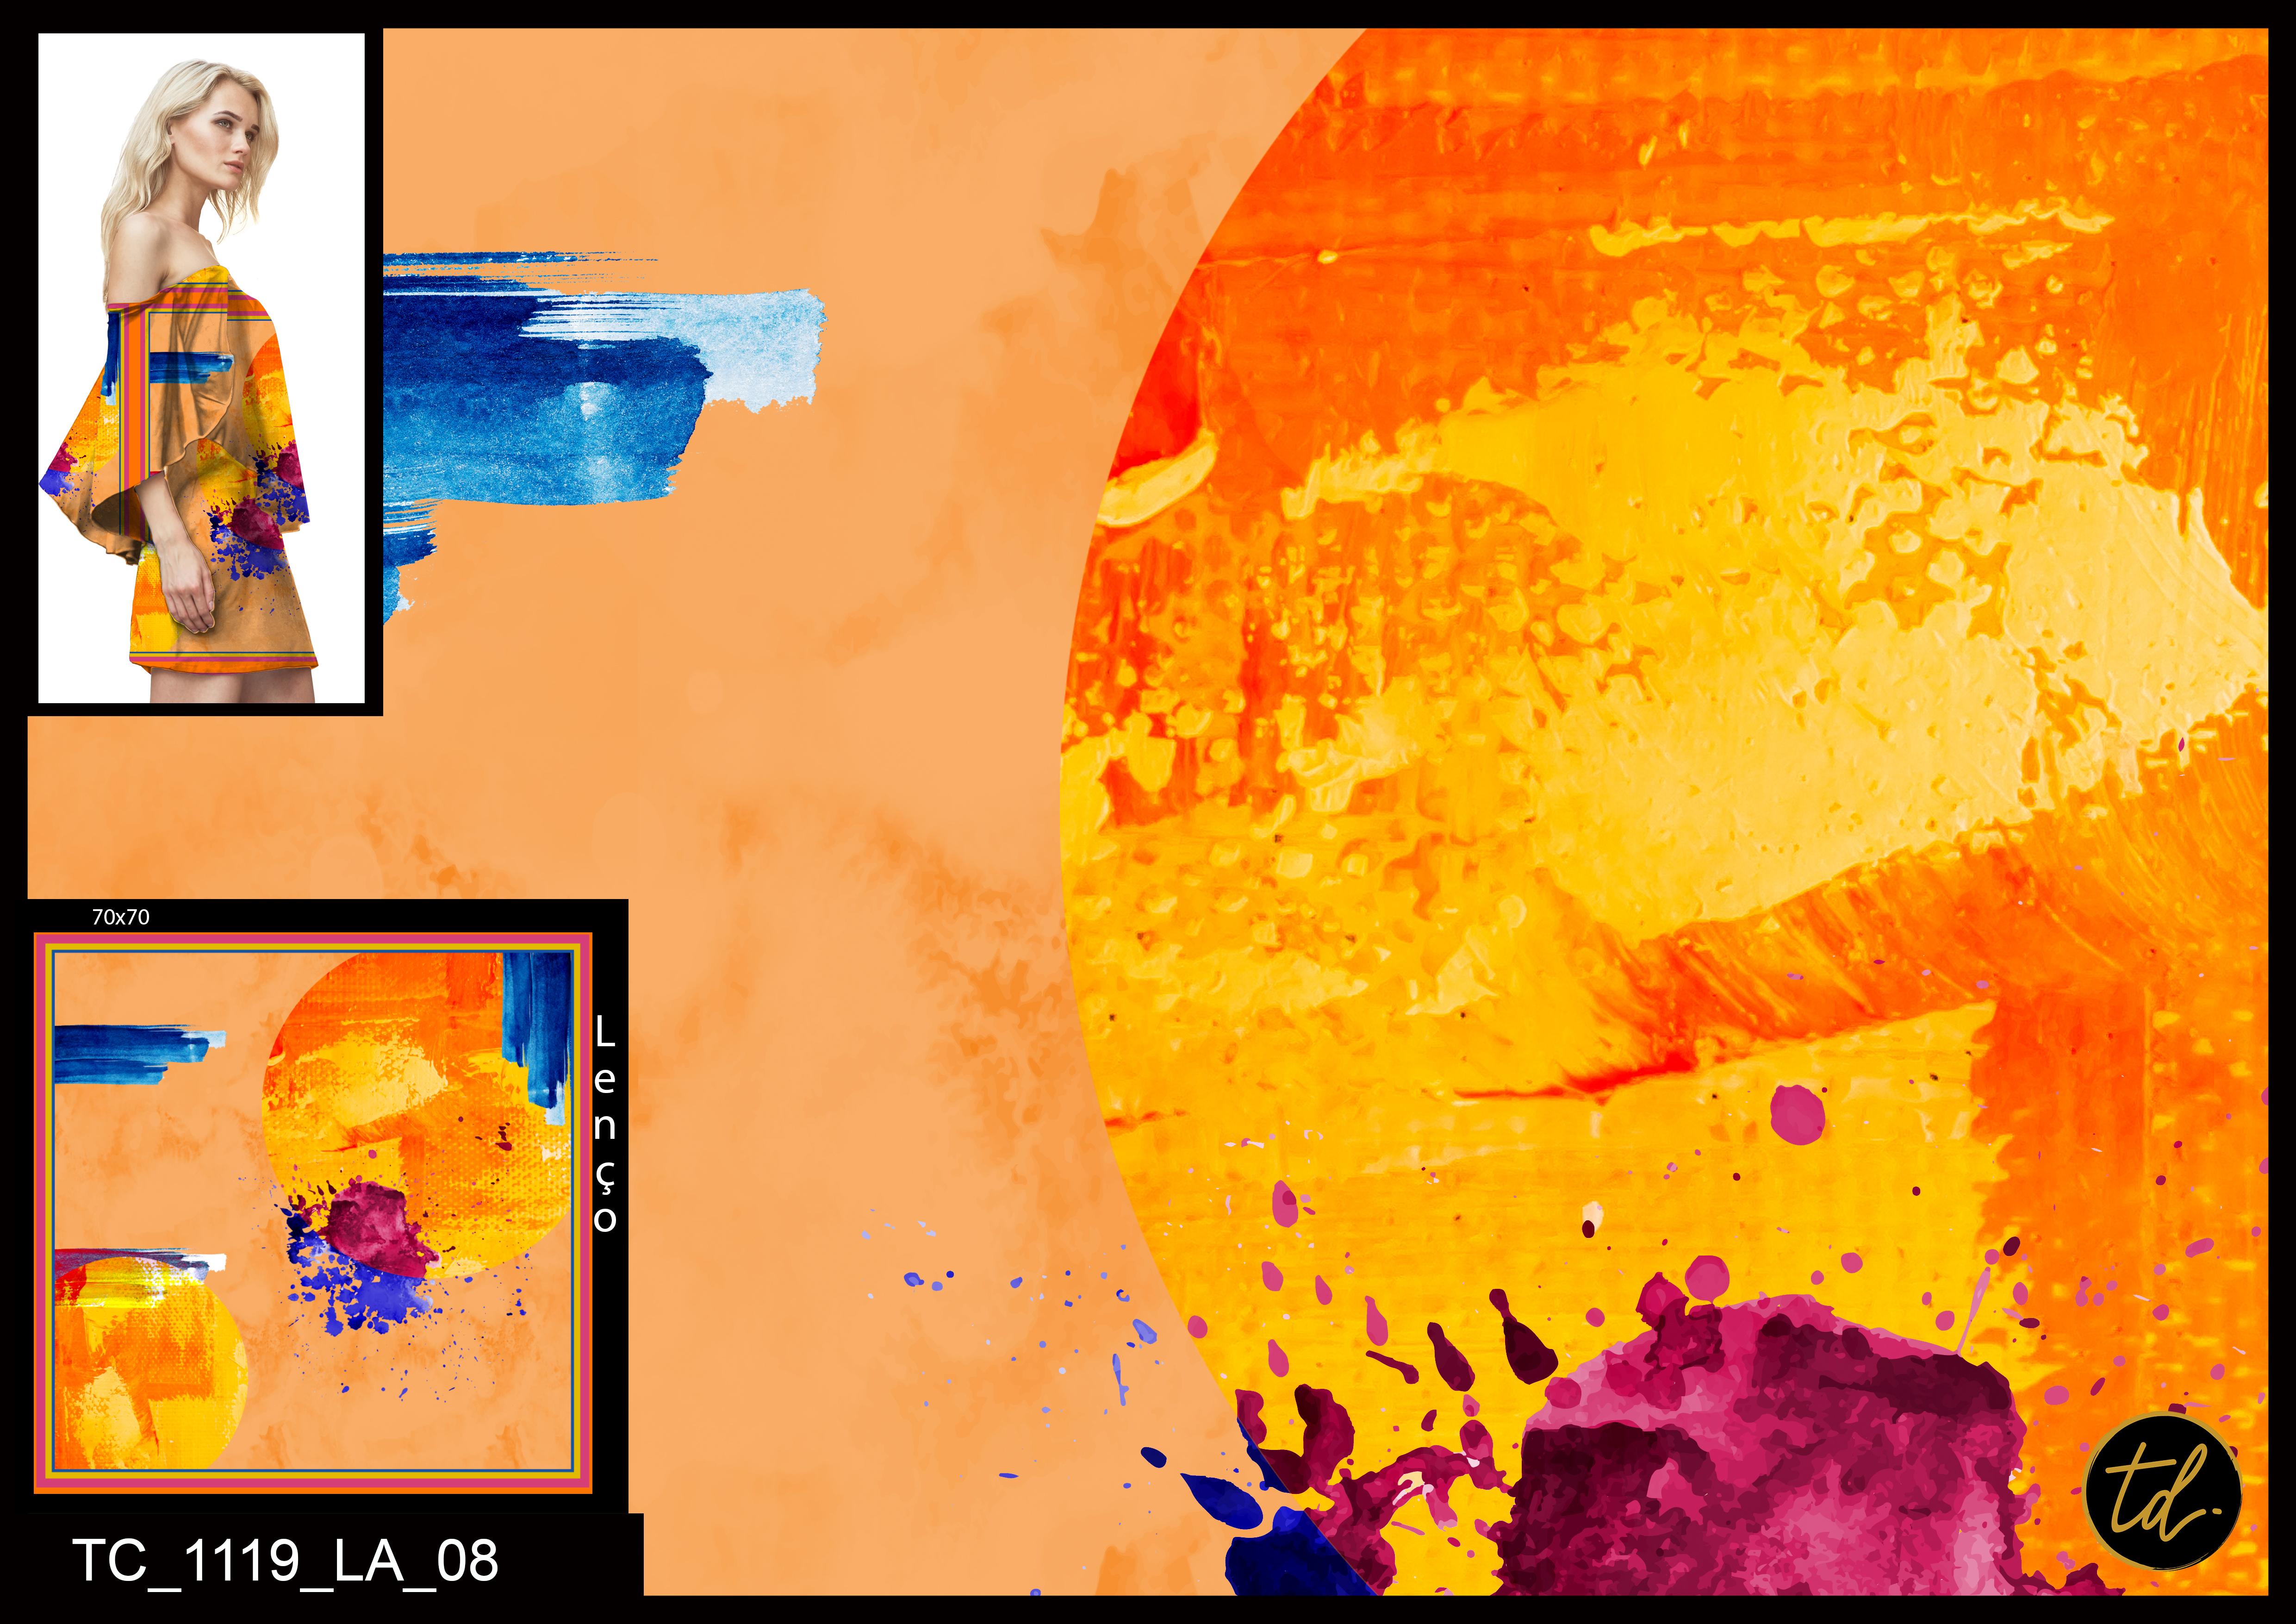 TC_1119_LA_08